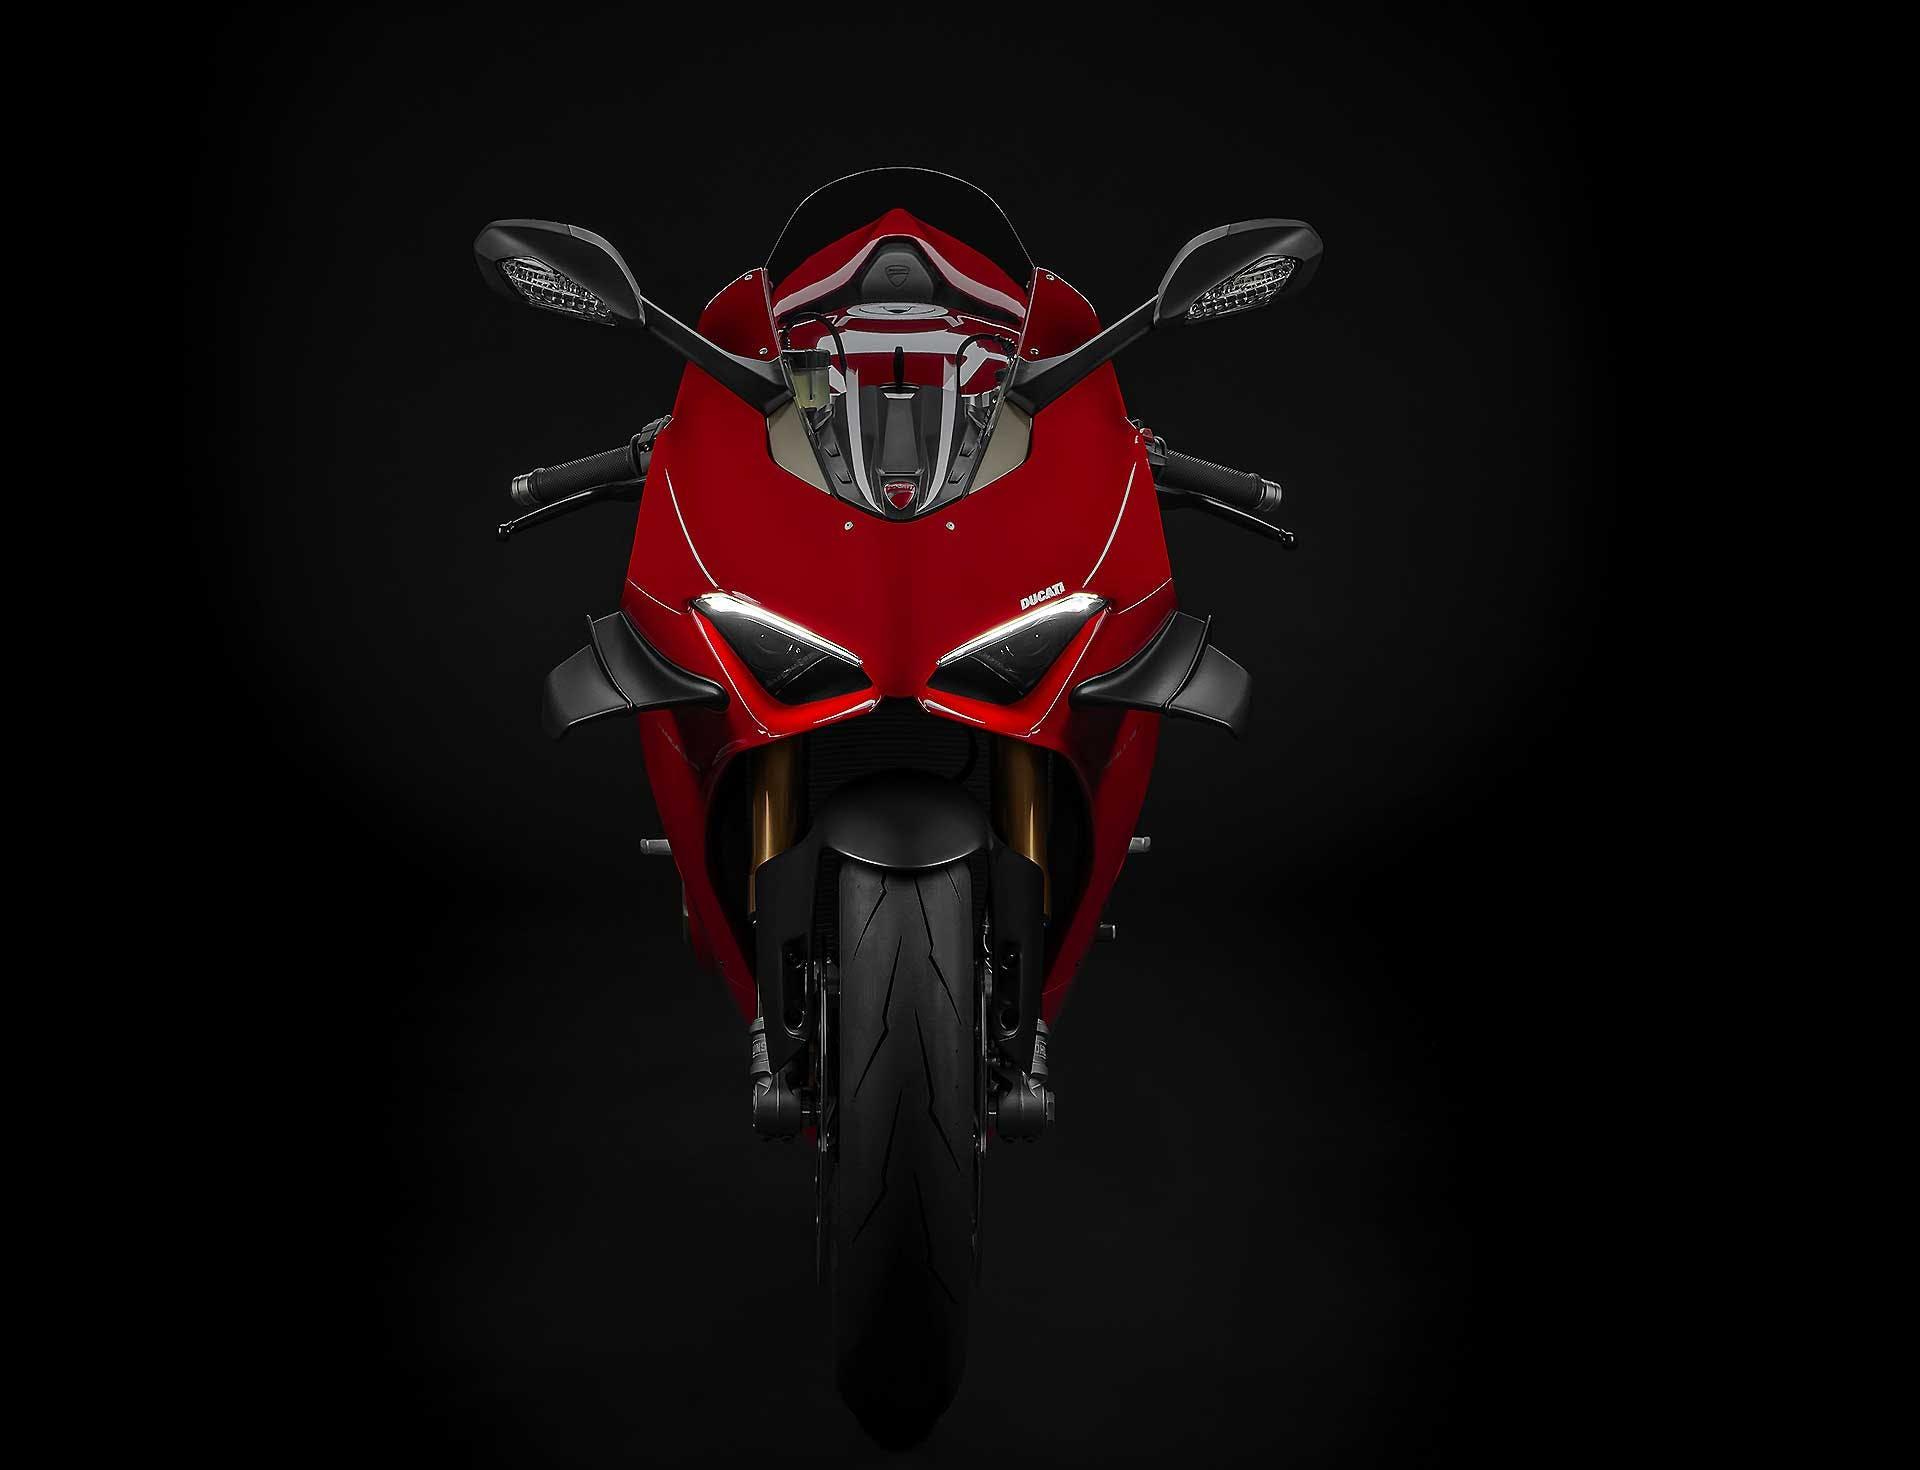 Ducati Panigale V4 2020 Moto con ali foto in studio